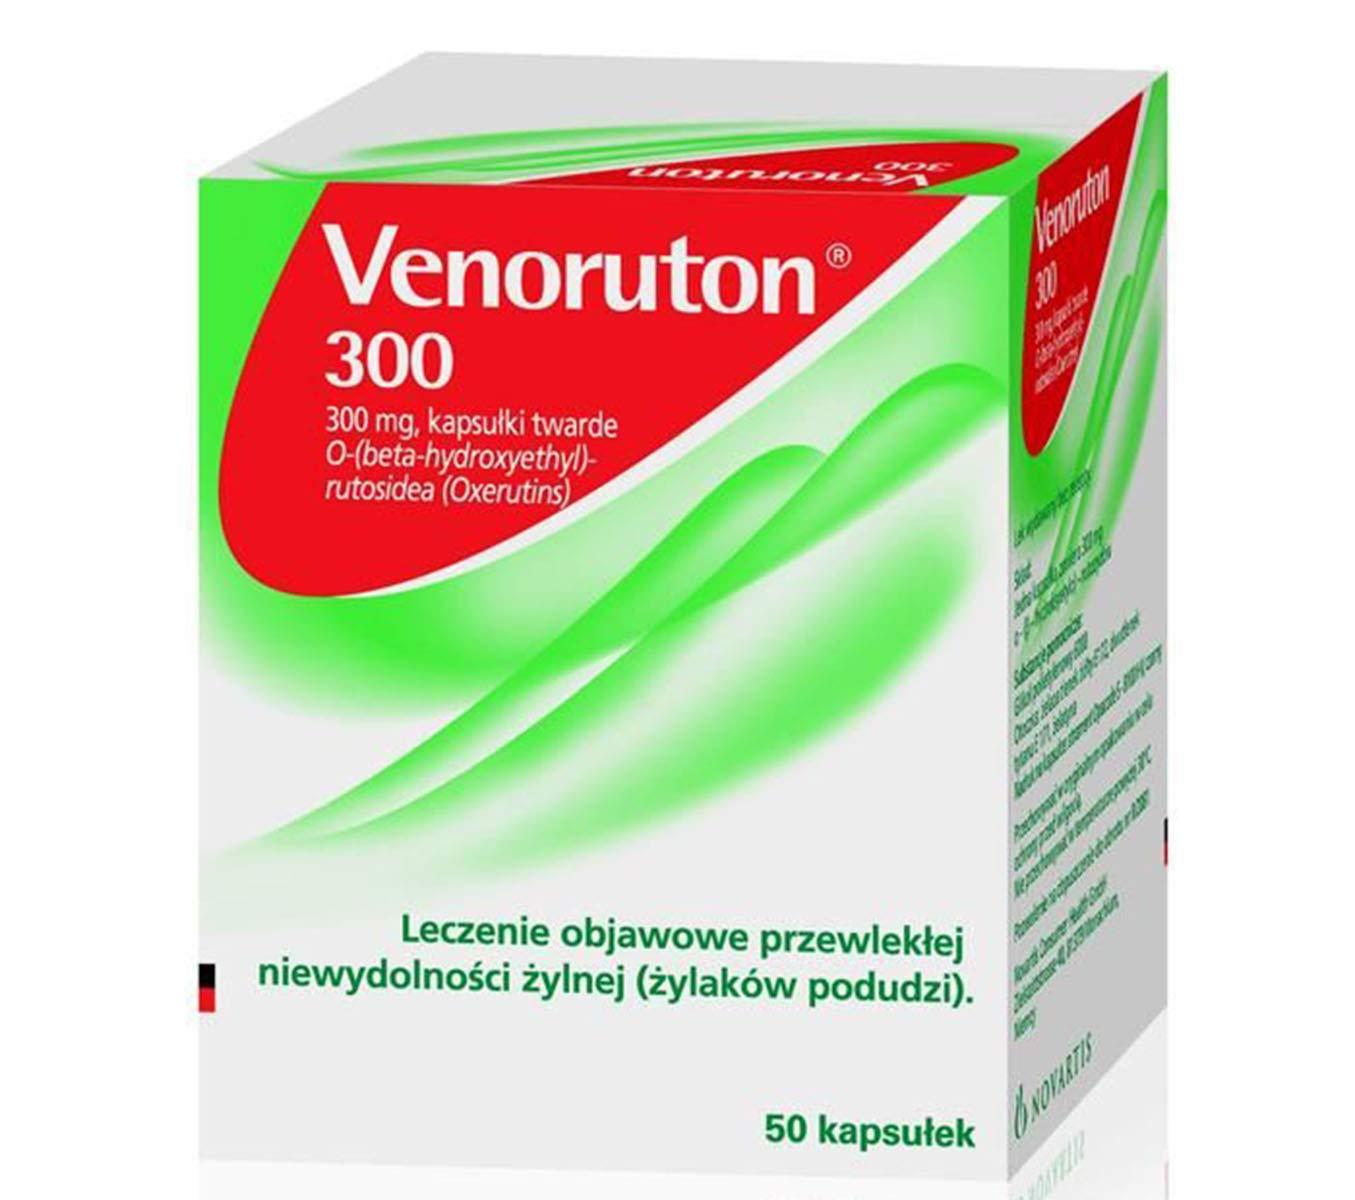 VENORUTON 300-50 CAPS by INPHARM